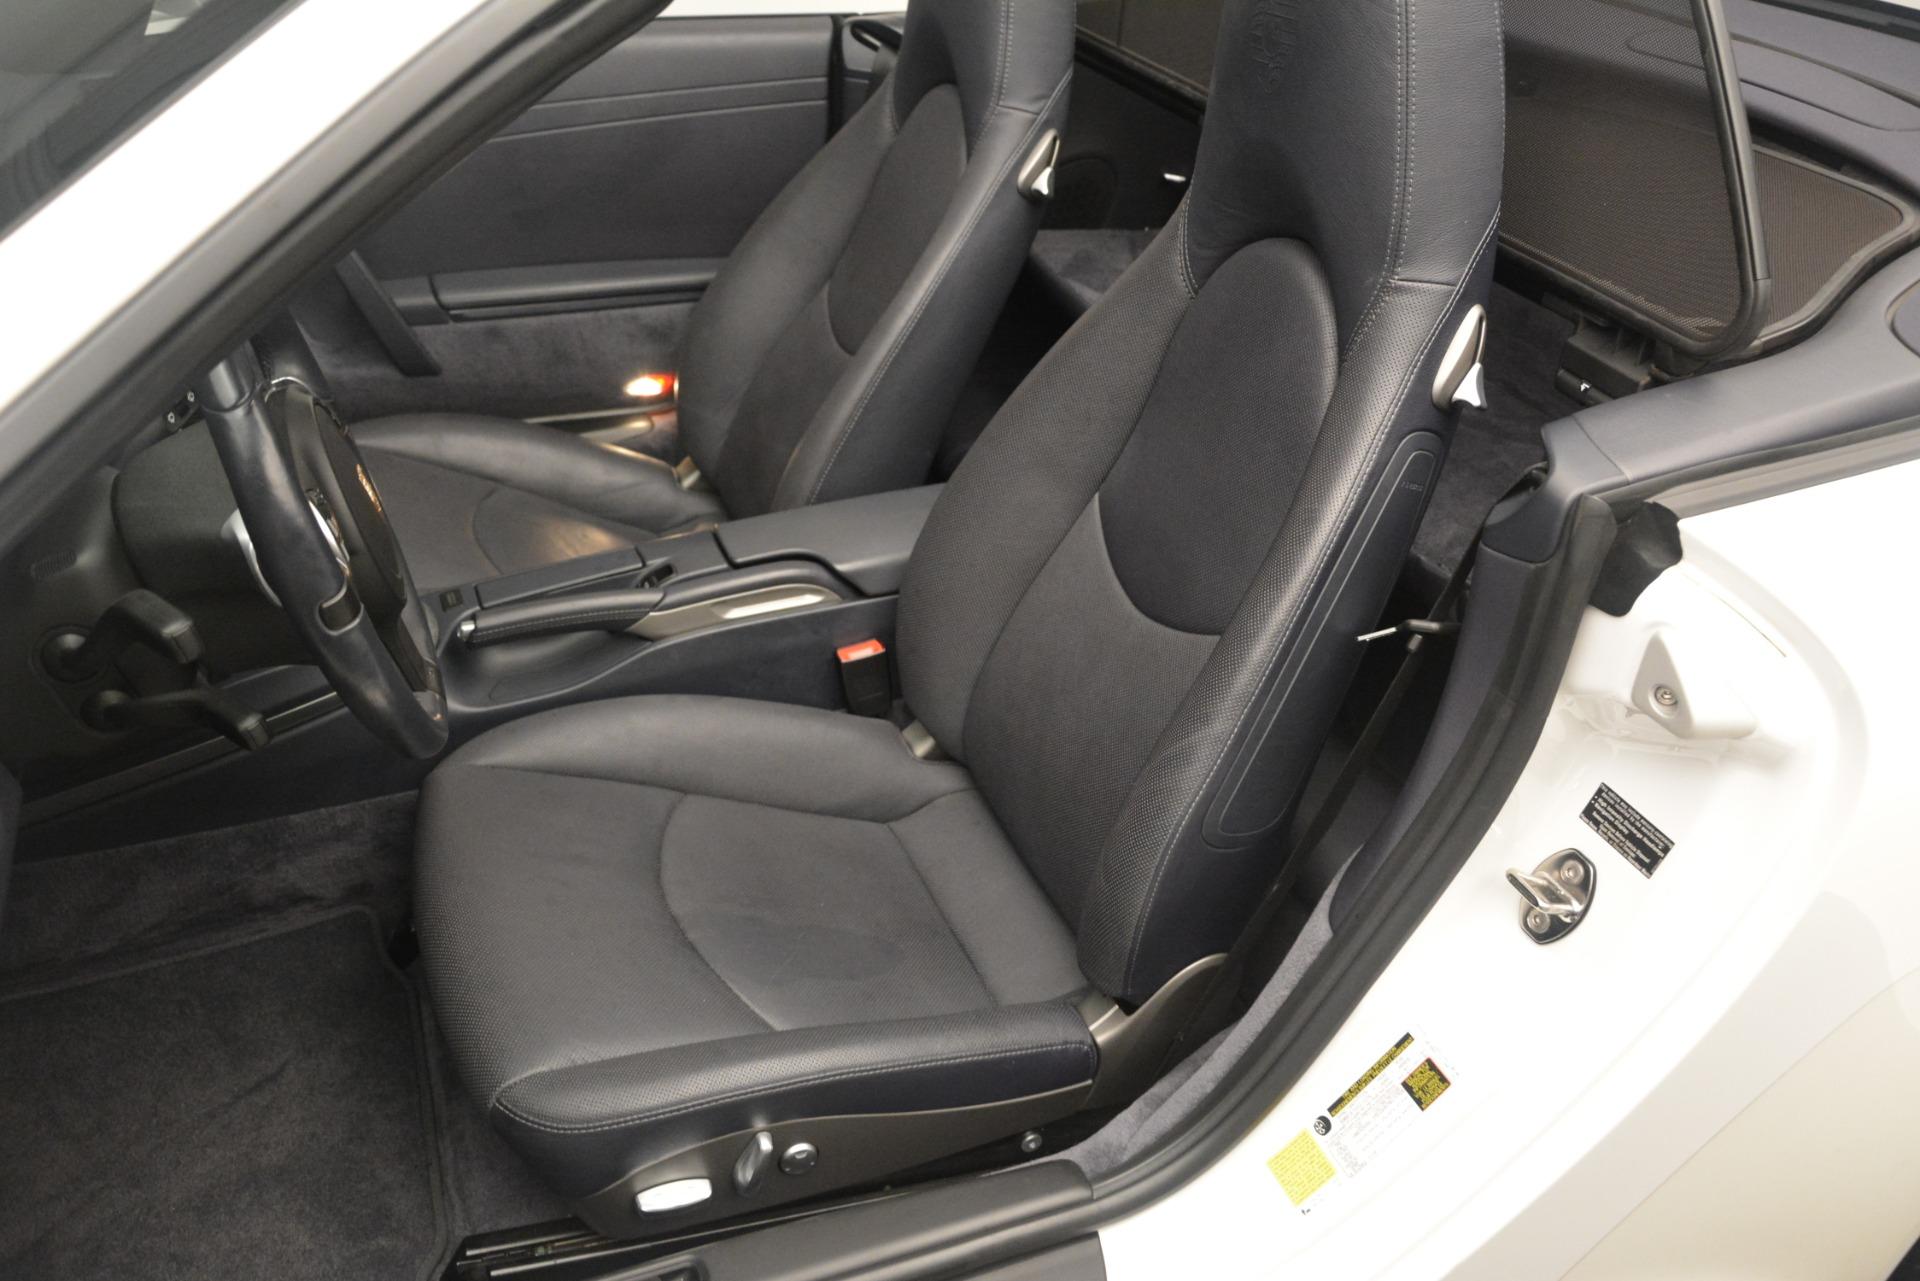 Used 2011 Porsche 911 Carrera 4S For Sale In Greenwich, CT 2600_p19